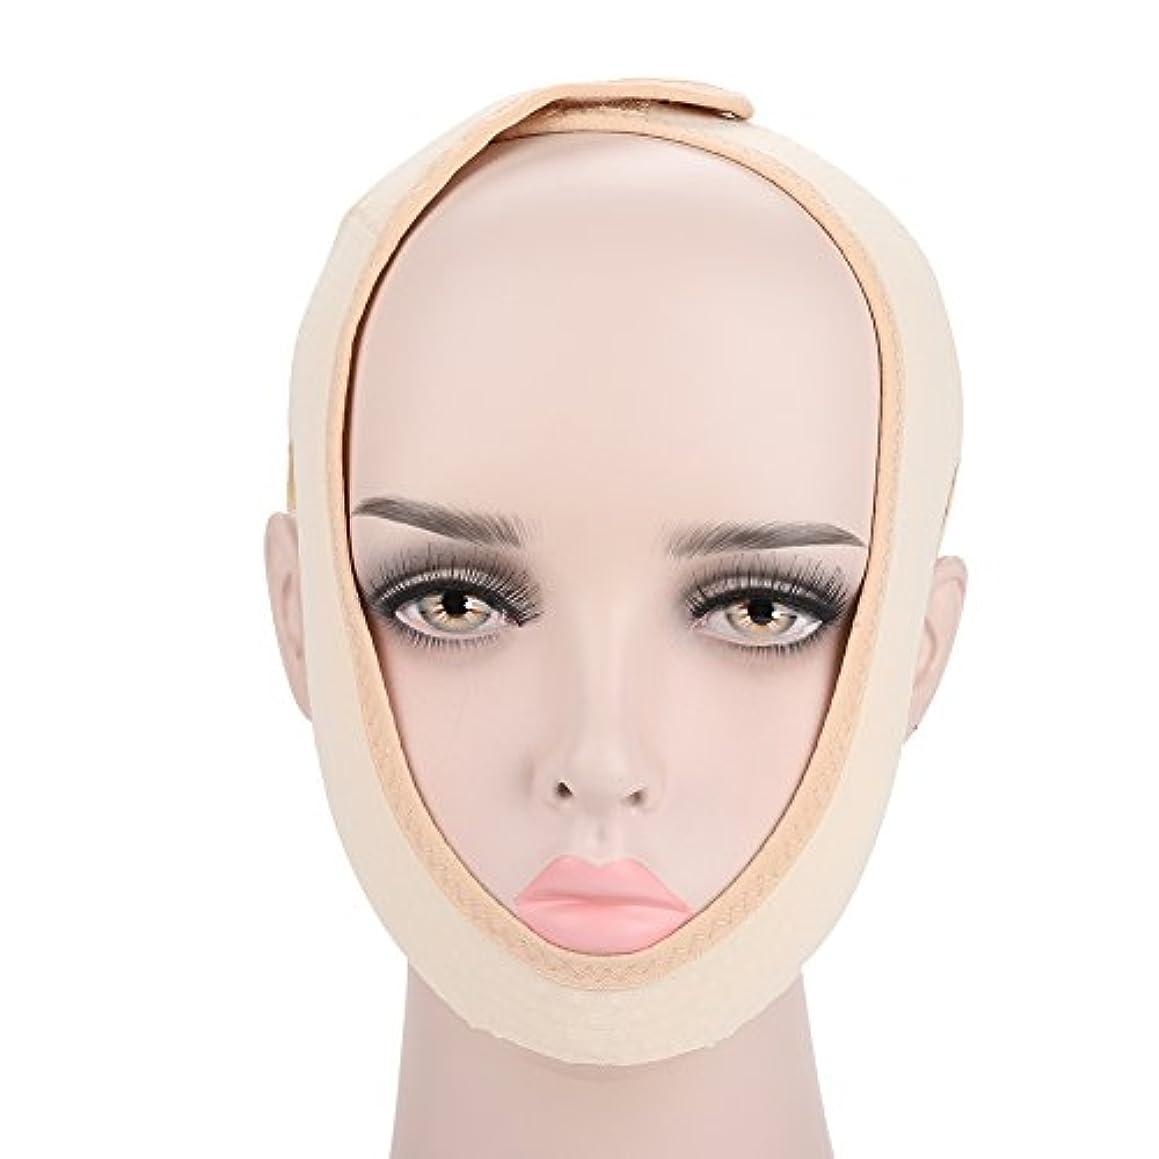 ピカソ阻害する医師顔の輪郭を改善するための顔の痩身マスク、通気性と伸縮性、二重あごを和らげ、顔の手術とリハビリ